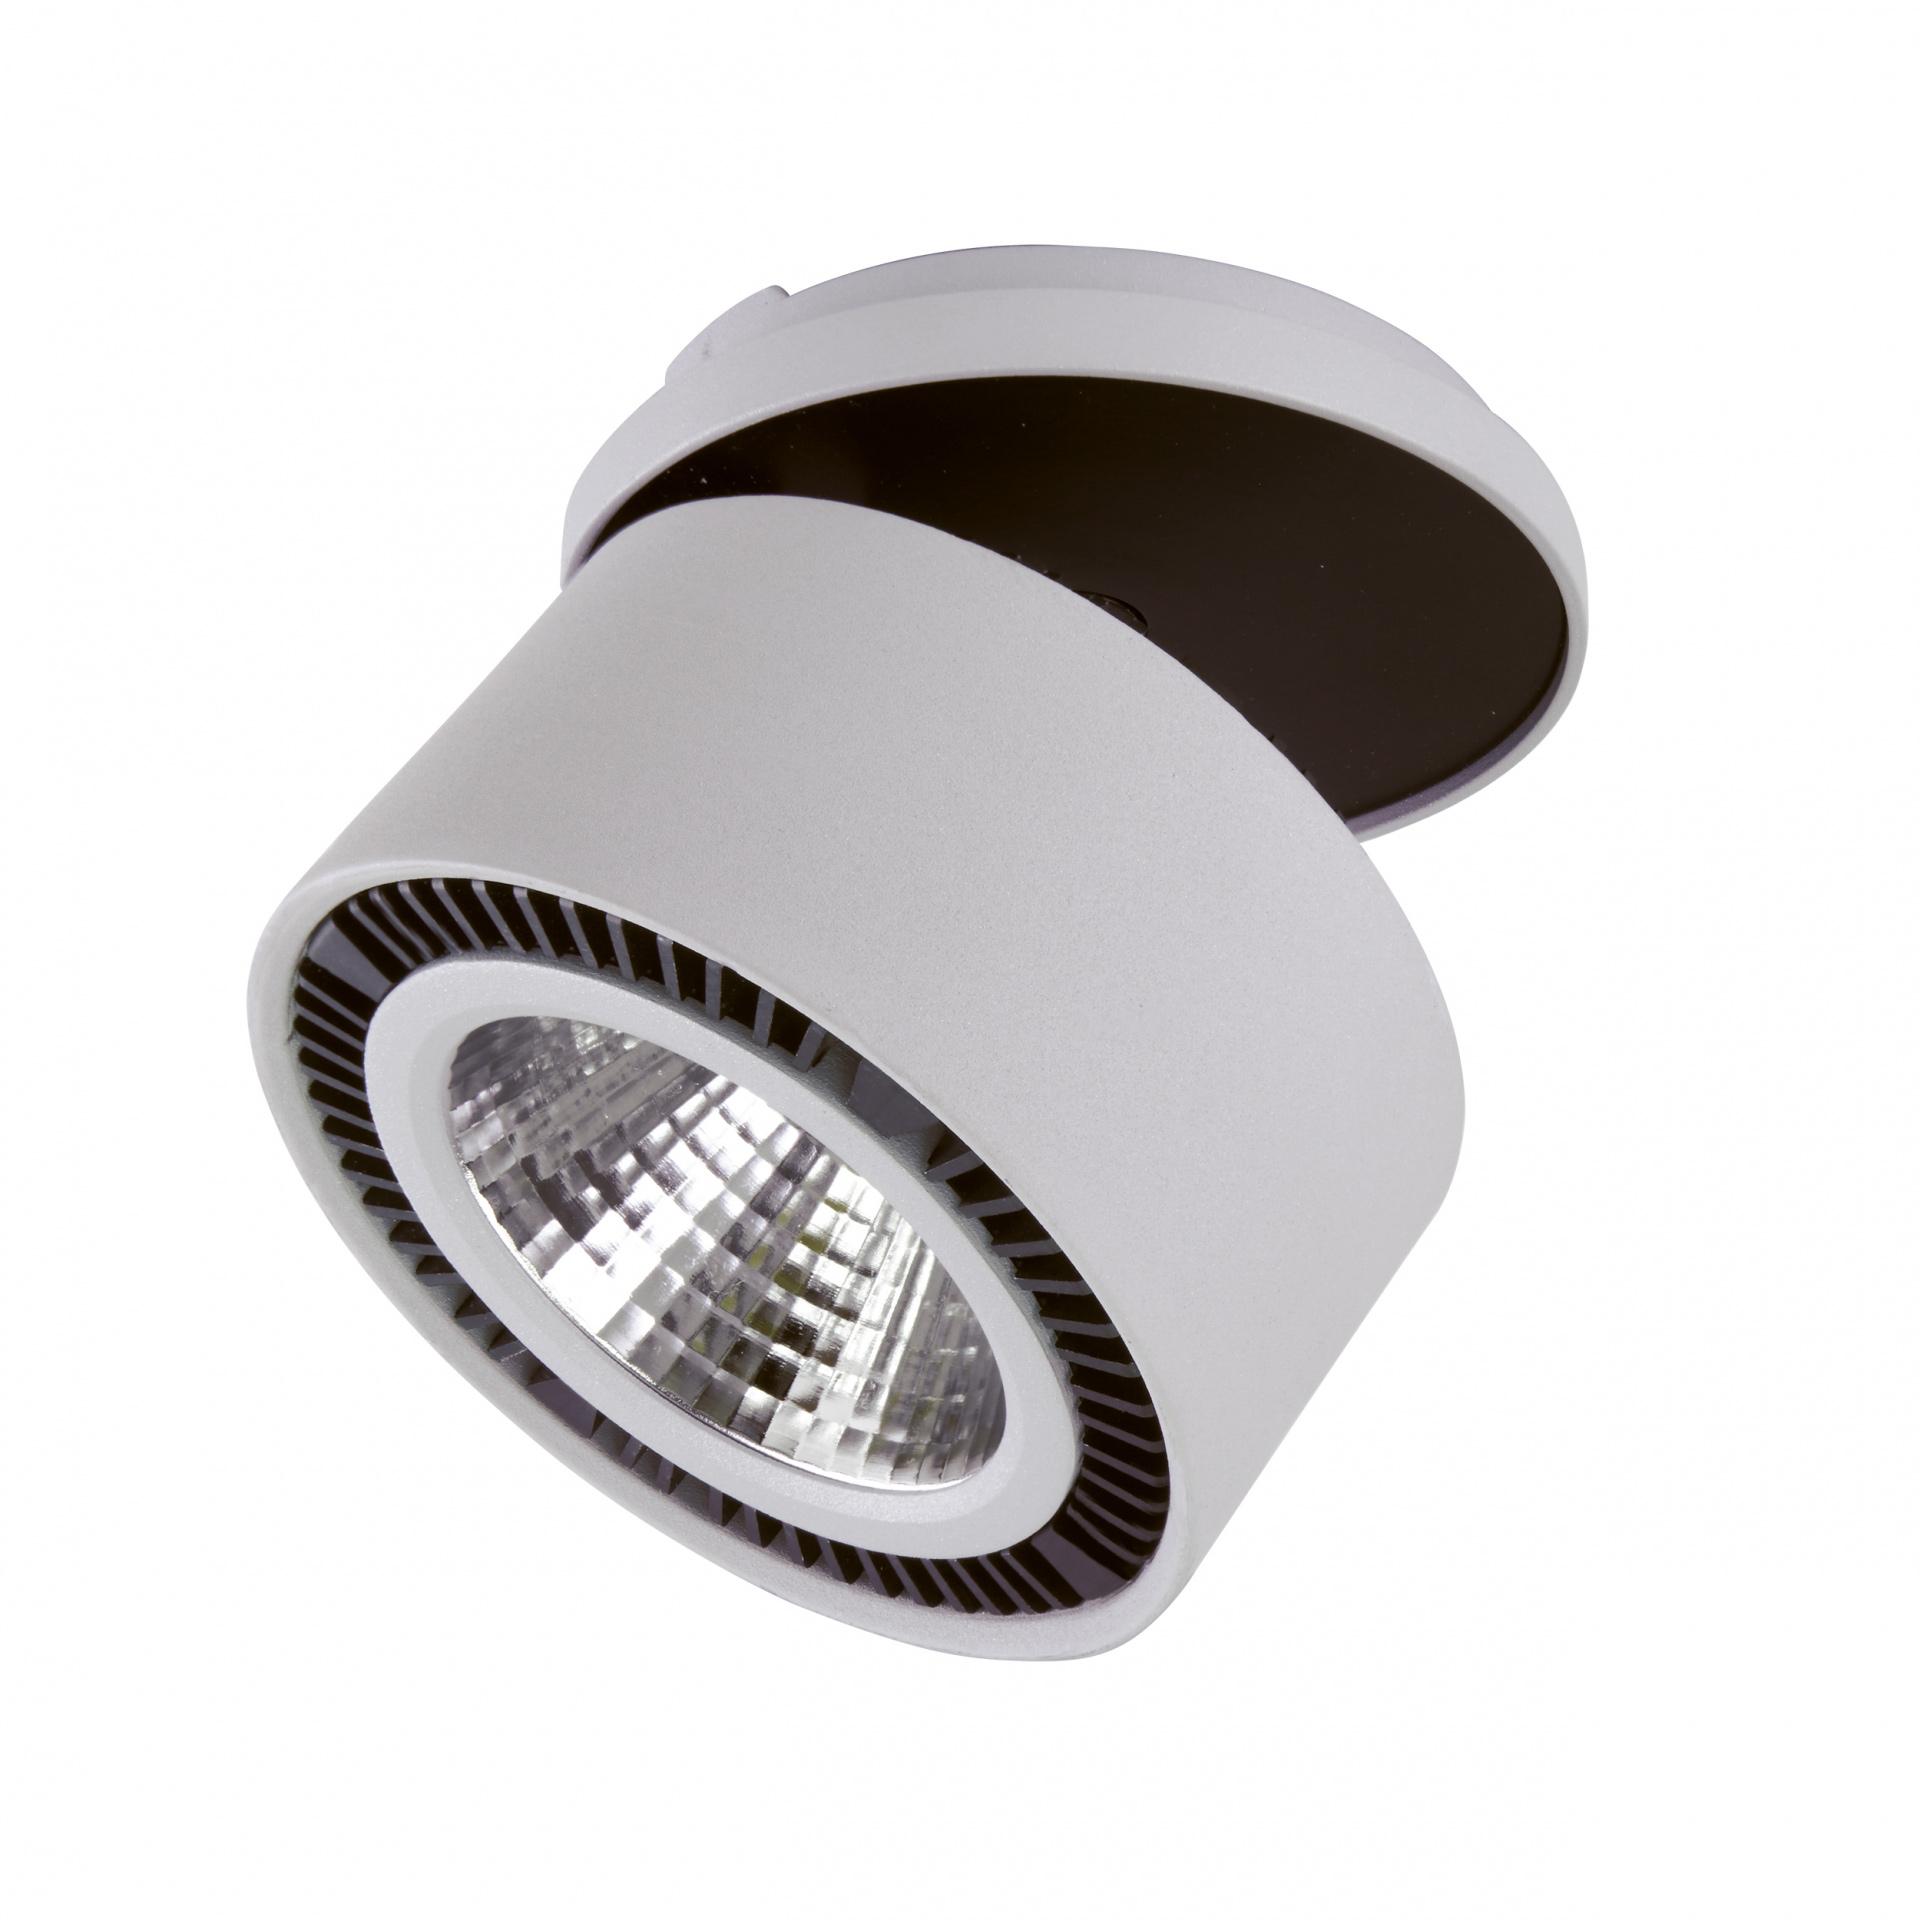 Светильник Forte inca LED 26W 1950LM 30G белый 3000K Lightstar 213820, купить в СПб, Москве, с доставкой, Санкт-Петербург, интернет-магазин люстр и светильников Starlight, фото в жизни